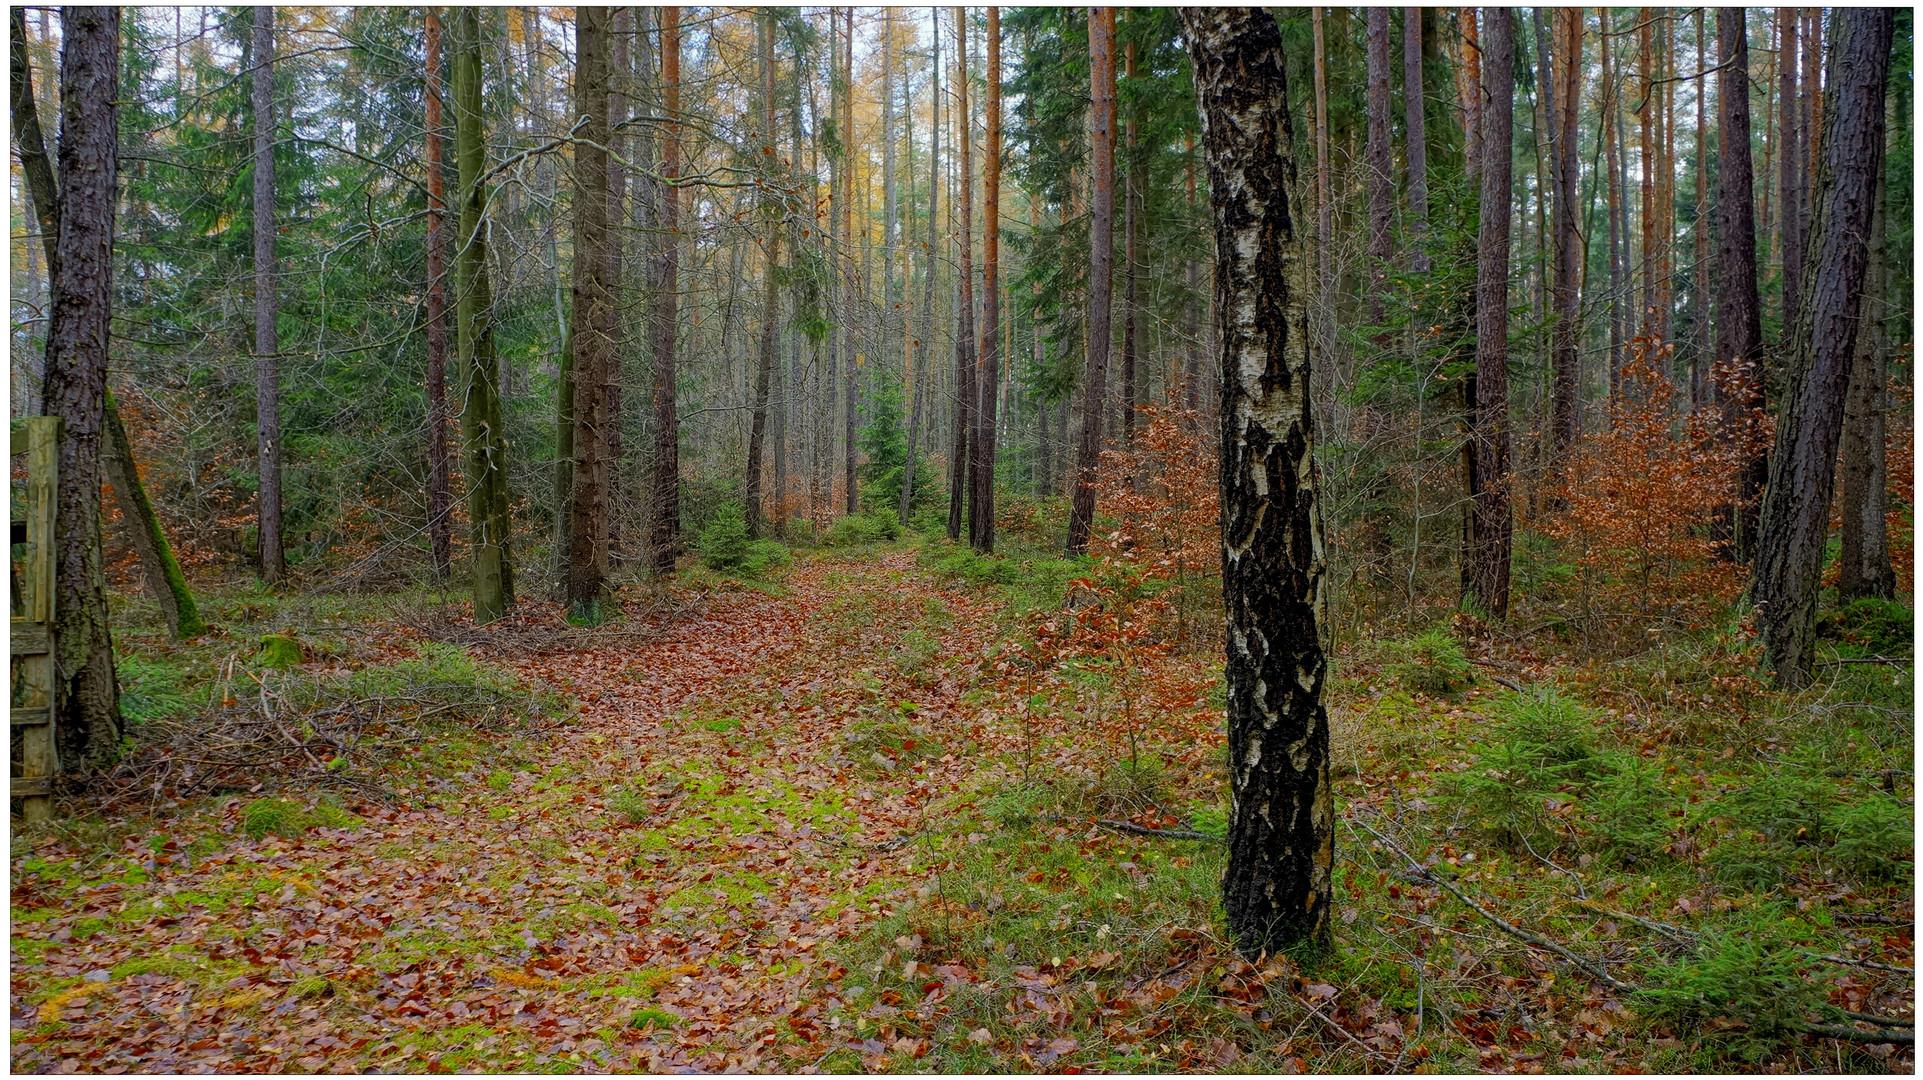 Im Wald II (en el bosque II)